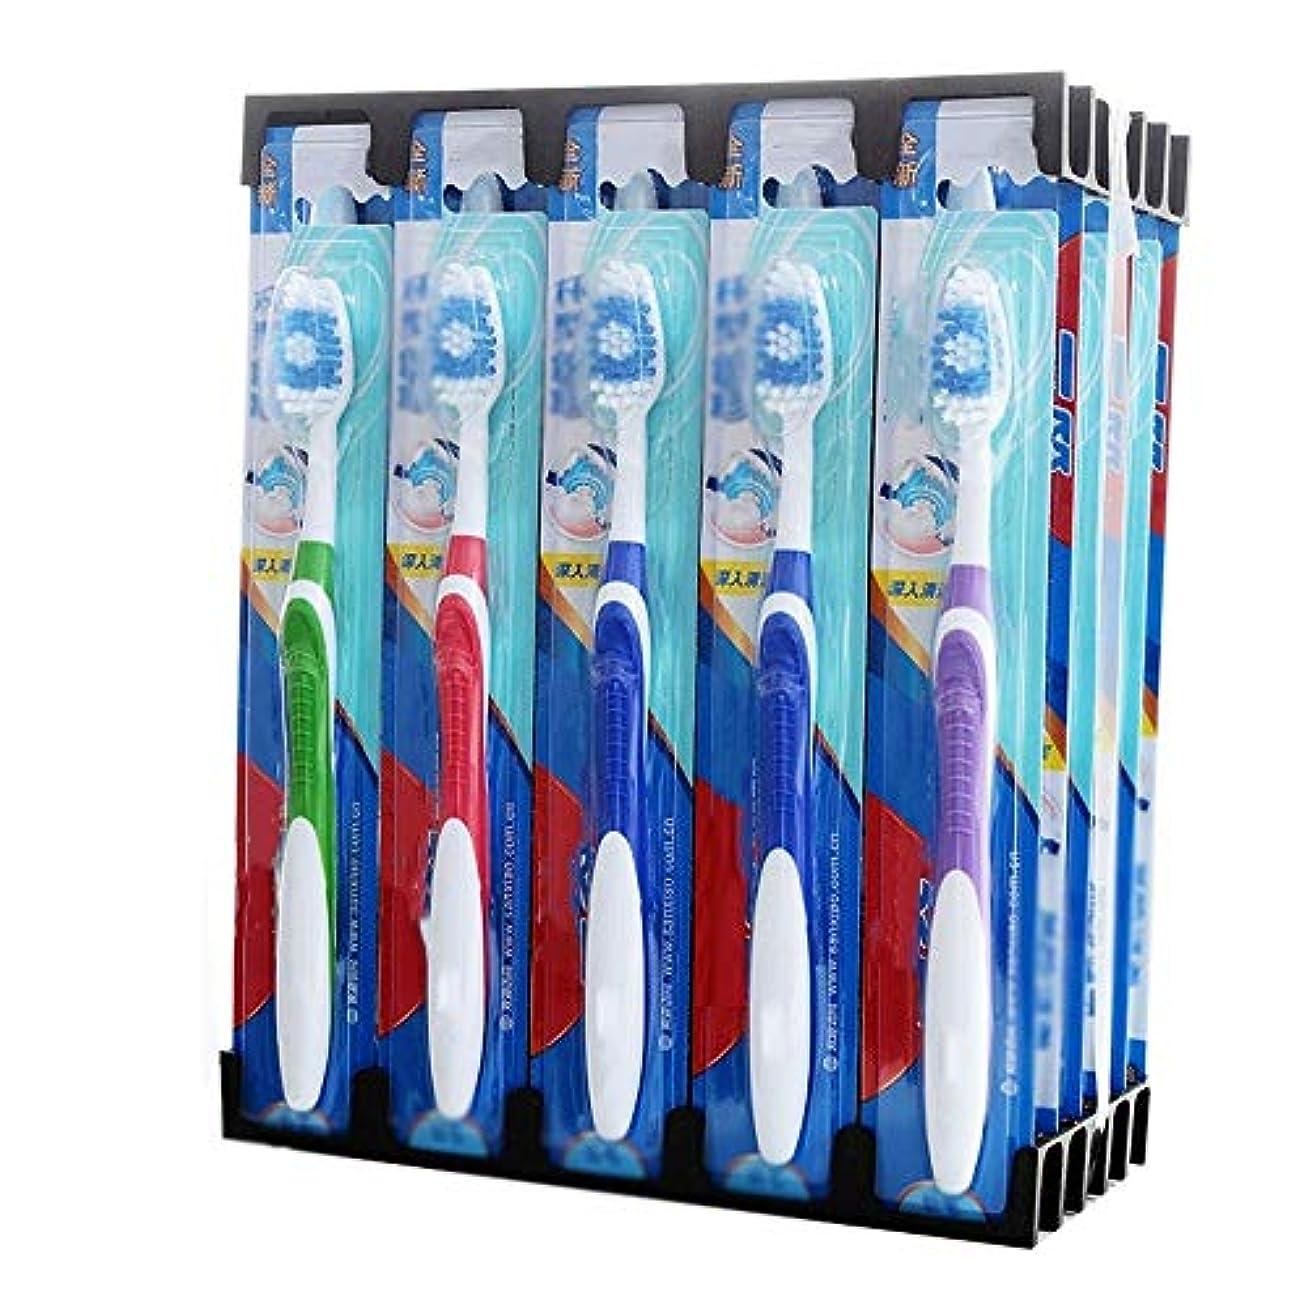 差し迫ったイル訪問歯ブラシ 大人のための30歯ブラシ、バルク歯ブラシ、ソフト歯ブラシ - 使用可能なスタイルの3種類 KHL (色 : A, サイズ : 30 packs)